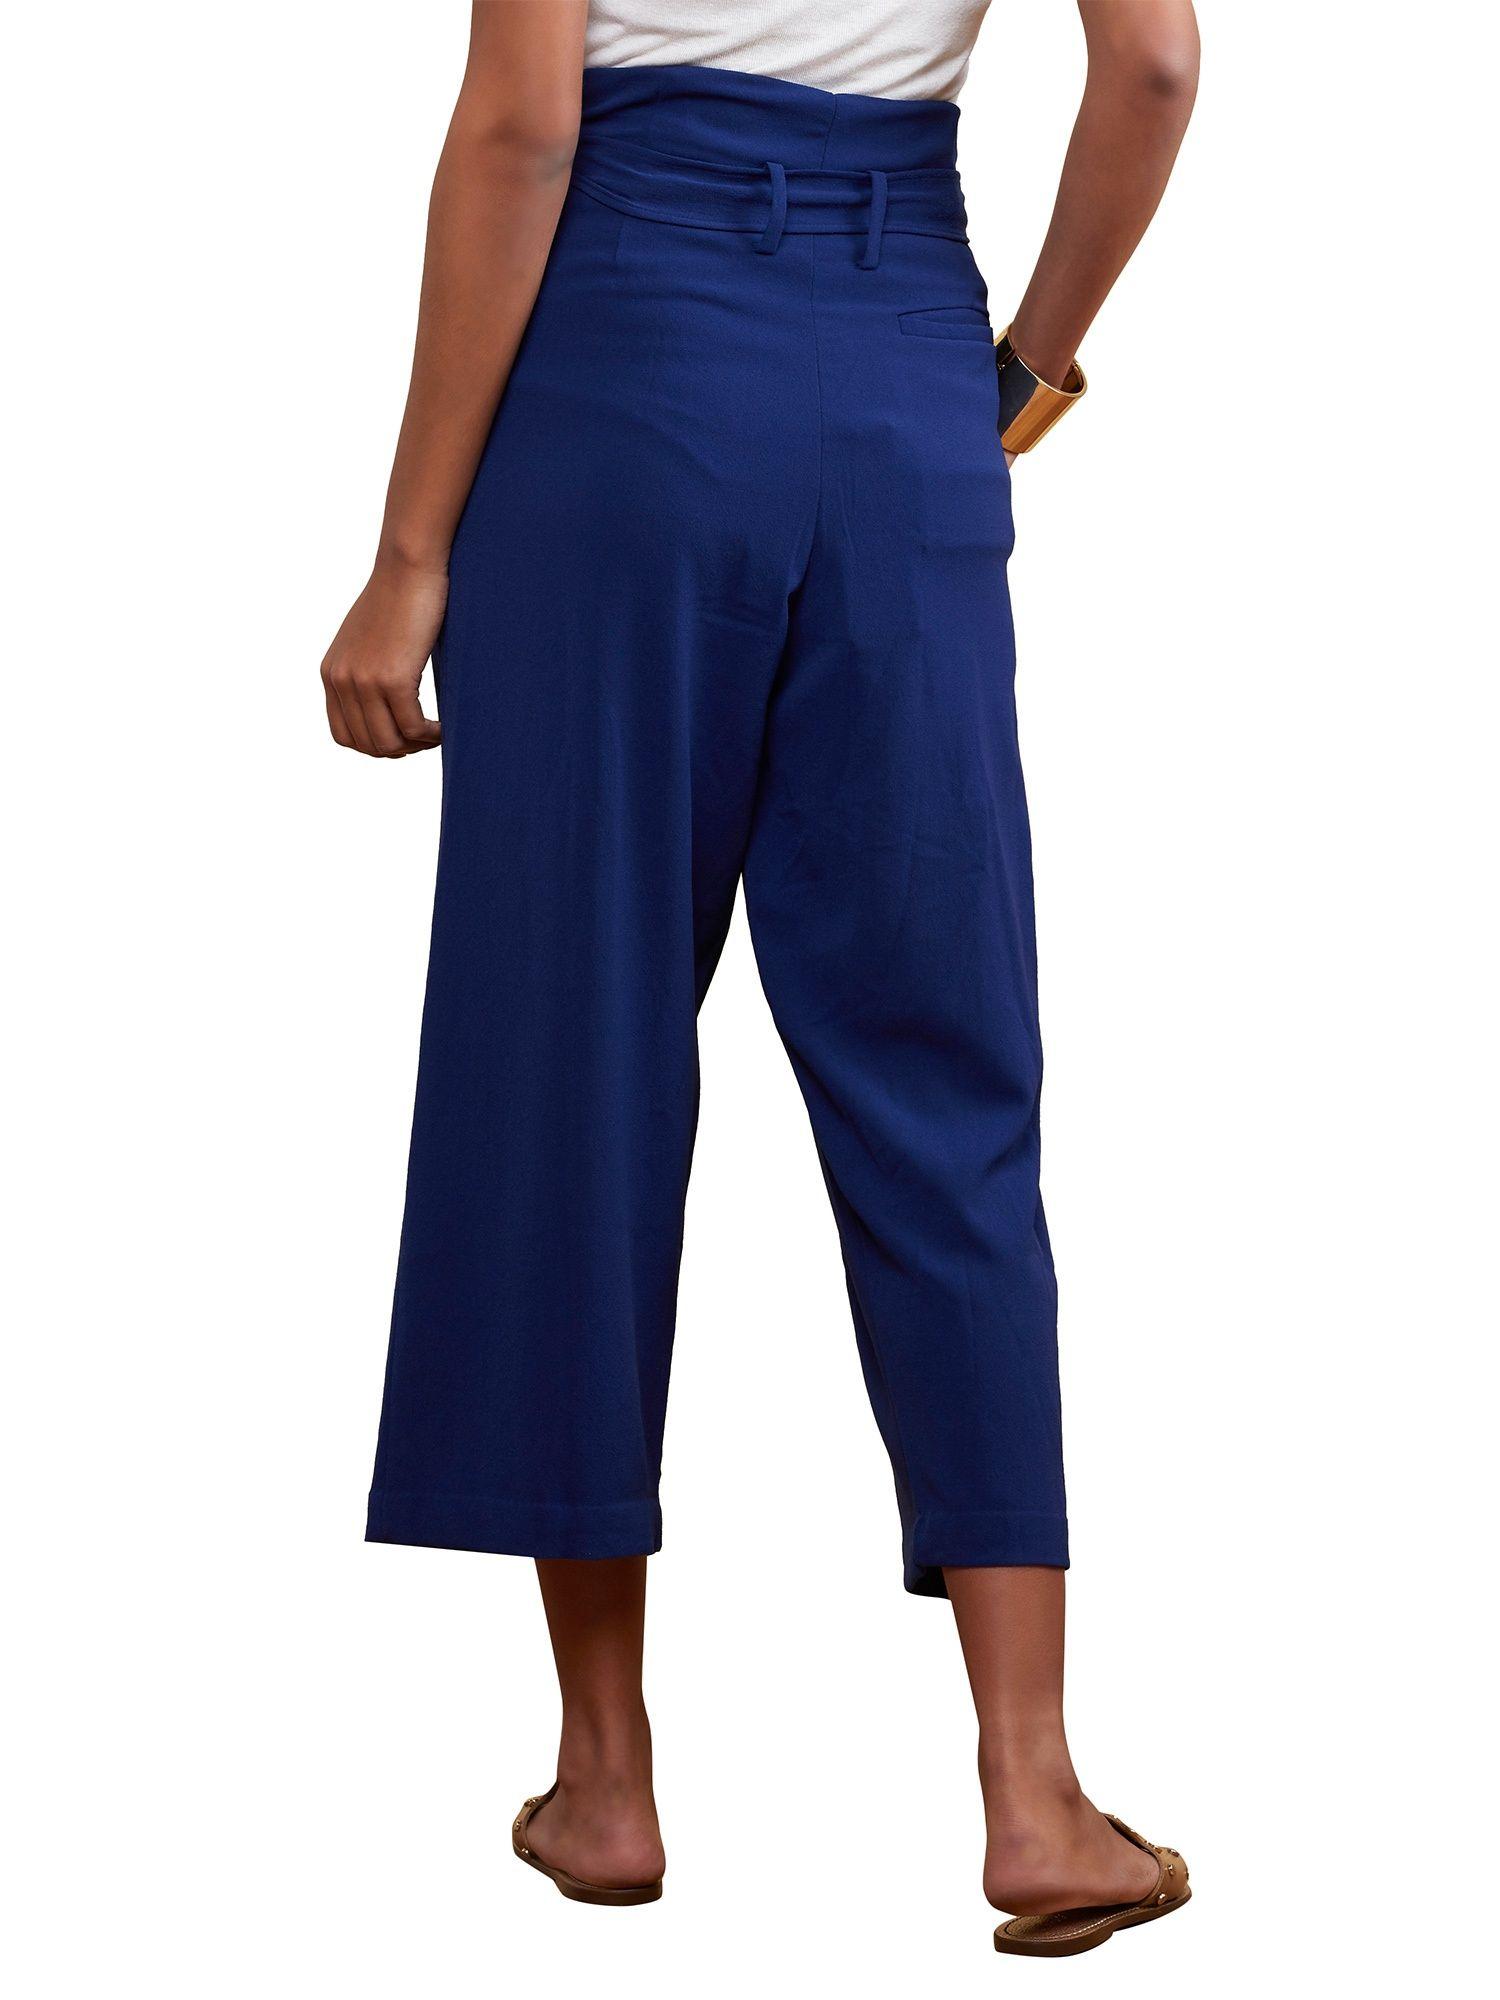 7a444ea1ab0f6 Label Ritu Kumar Bottoms Pants and Trousers : Buy Label Ritu Kumar ...